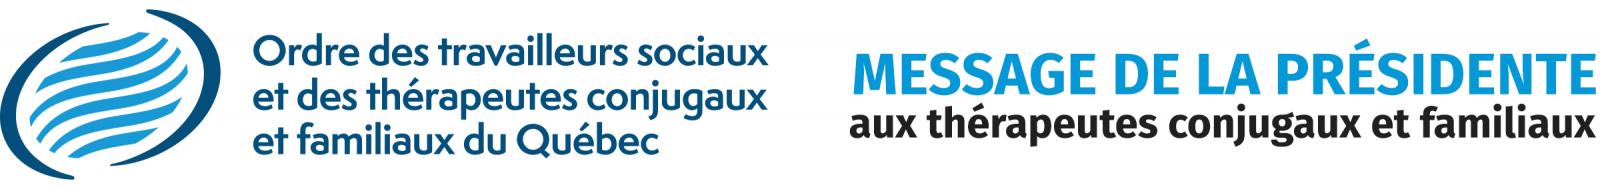 Logo Ordre des travailleurs sociaux et des thérapeutes conjugaux et familiaux du Québec (Message aux T.C.F.)